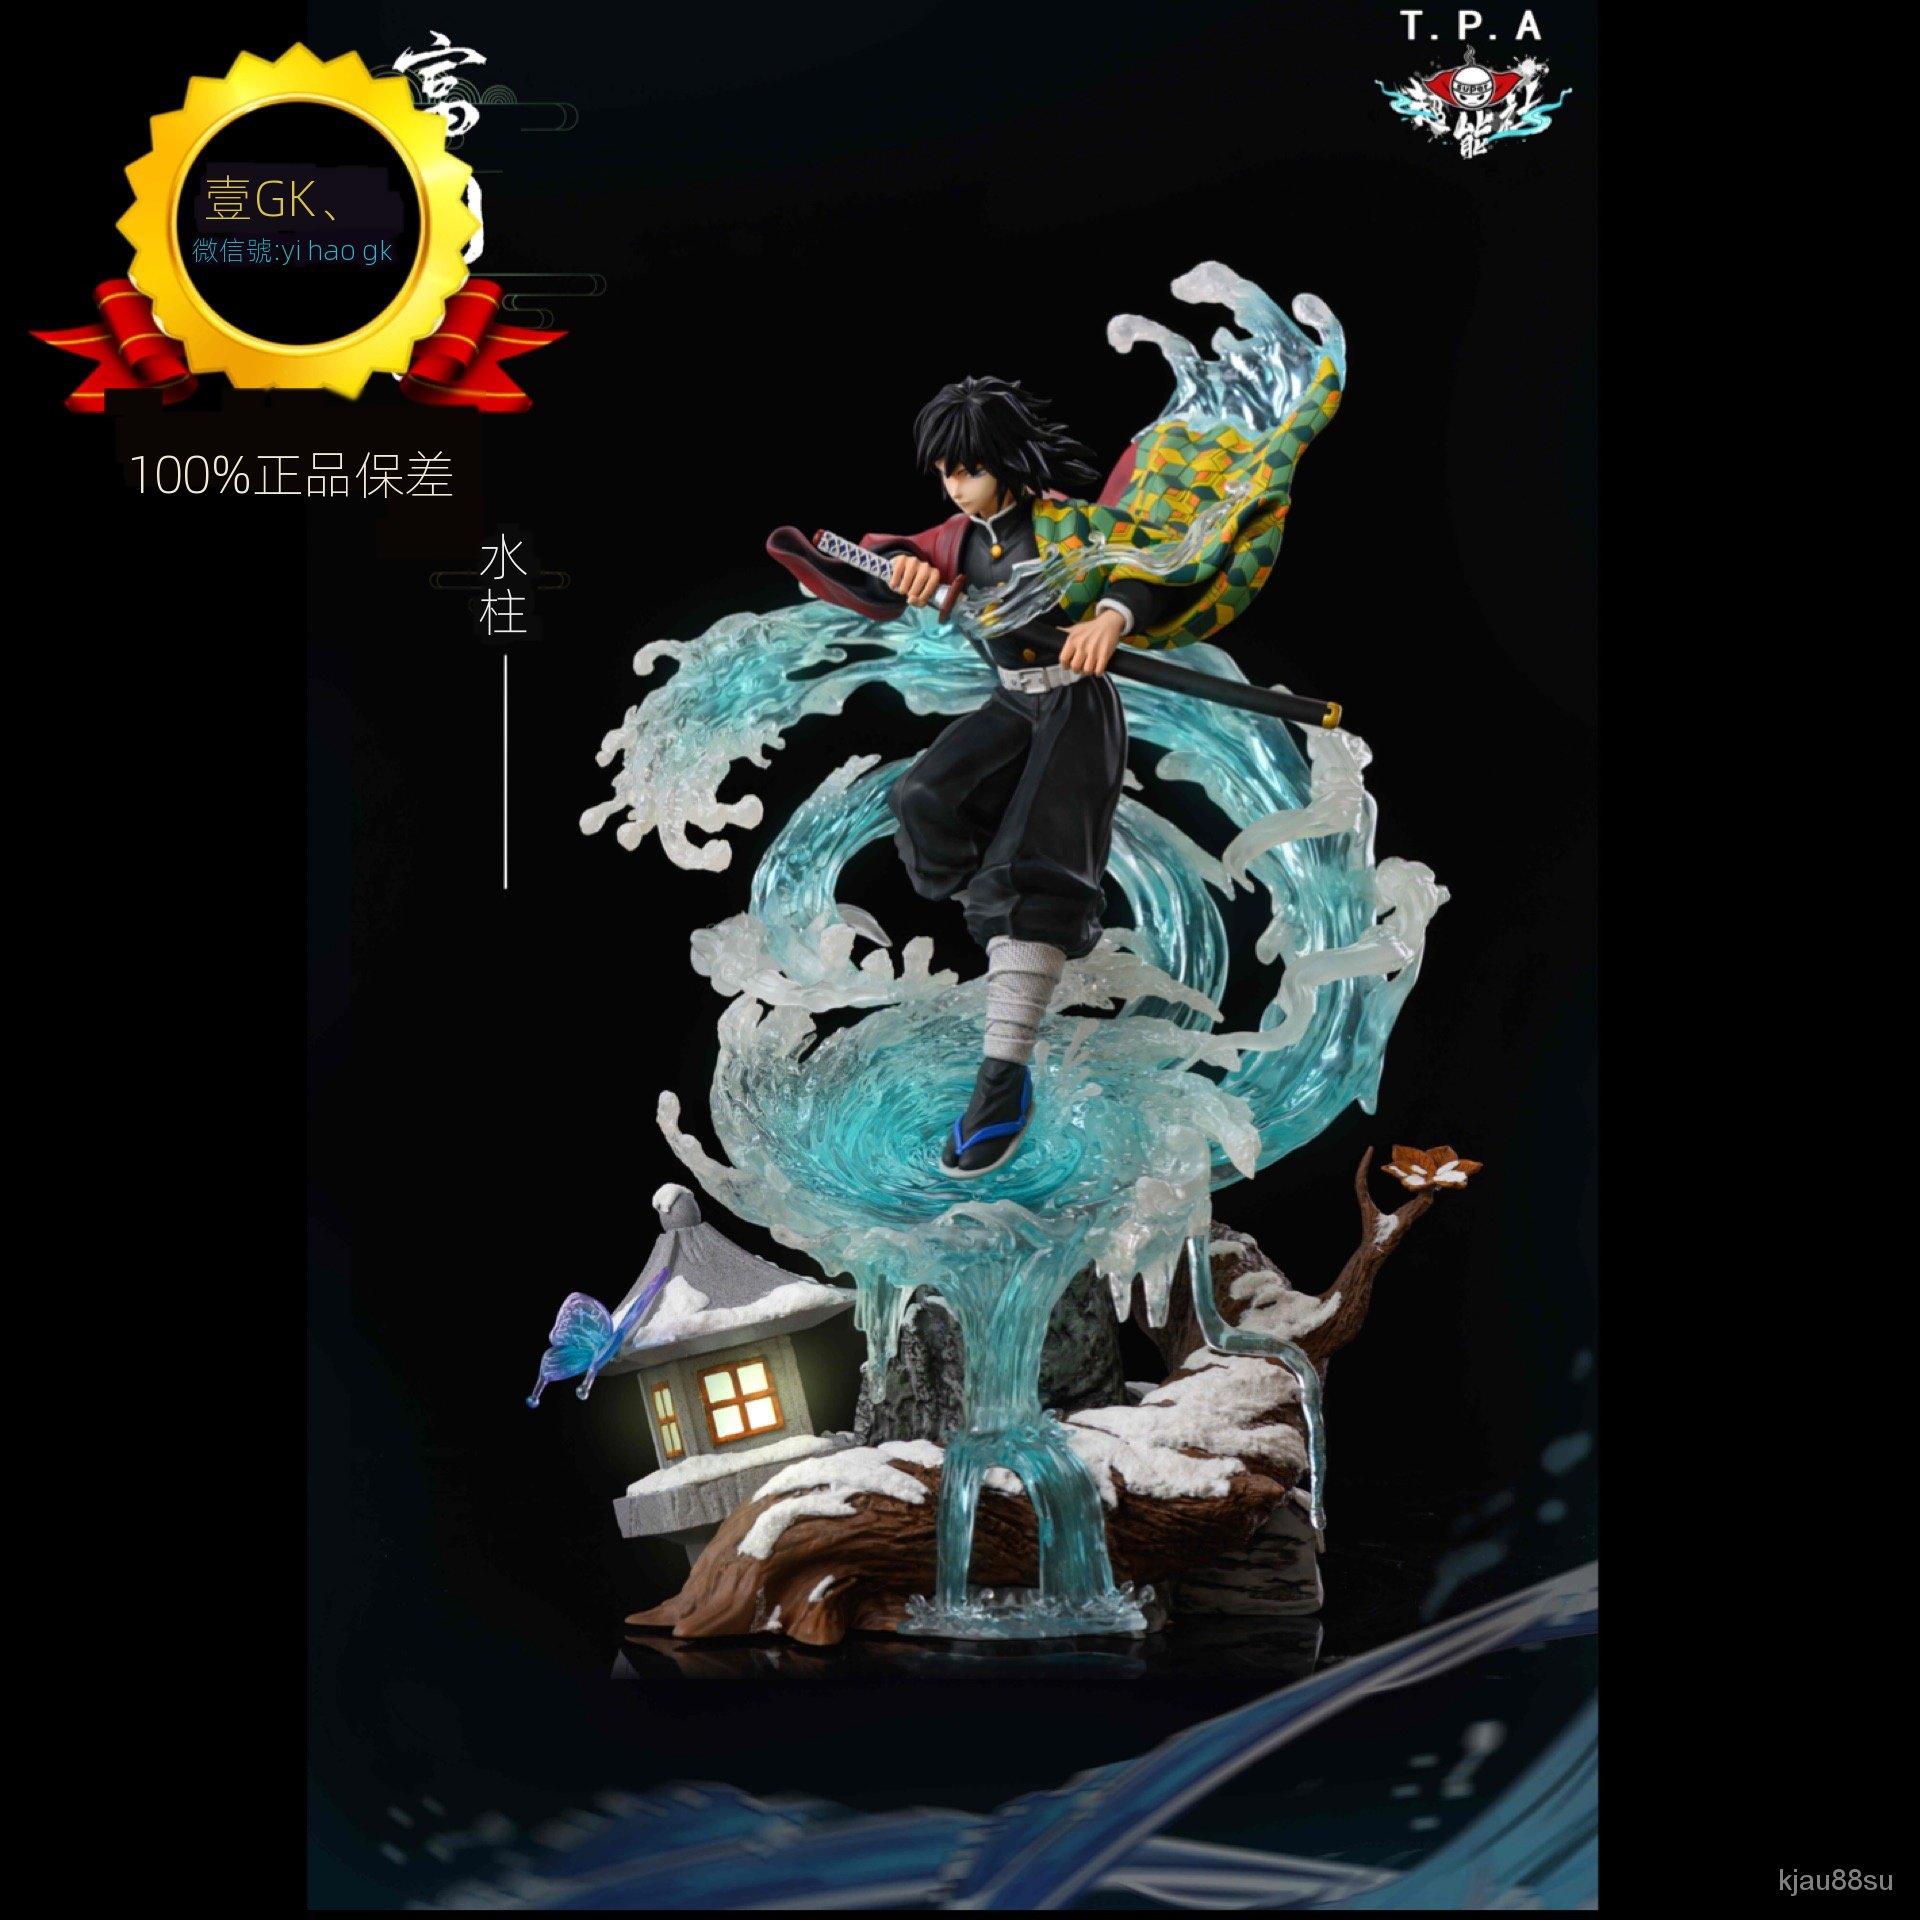 【正版現貨】【壹號gk】TPA 柱系列 水柱 富岡義勇 鬼滅之刃GK 限量雕像模型